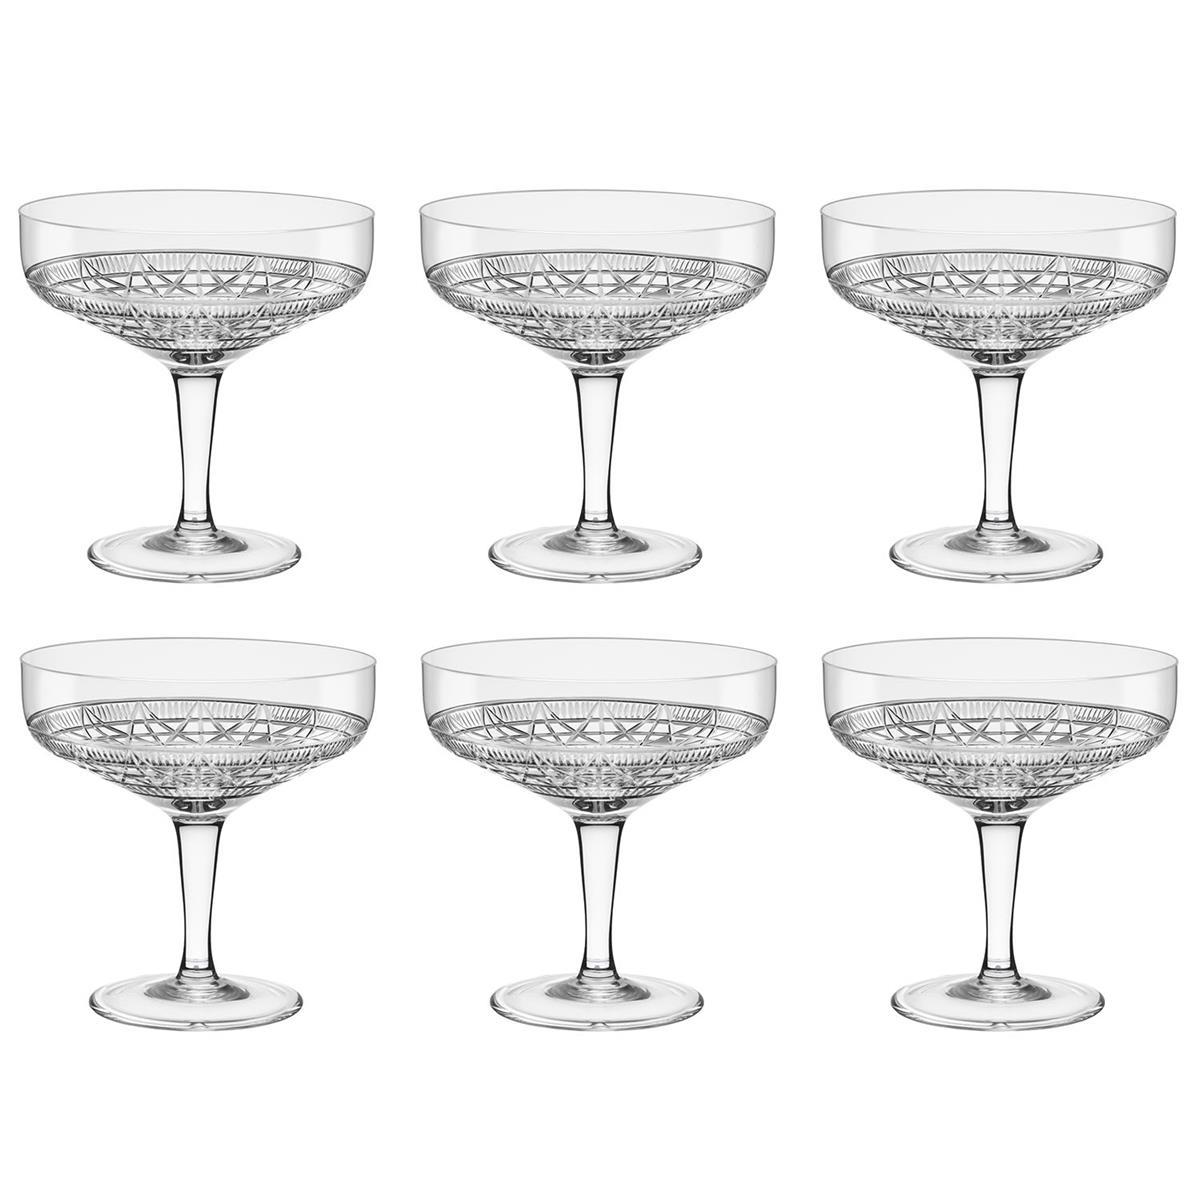 Conjunto 6 Taças Vintage 250Ml Linha 900 Yma9 - 9001 Oxford